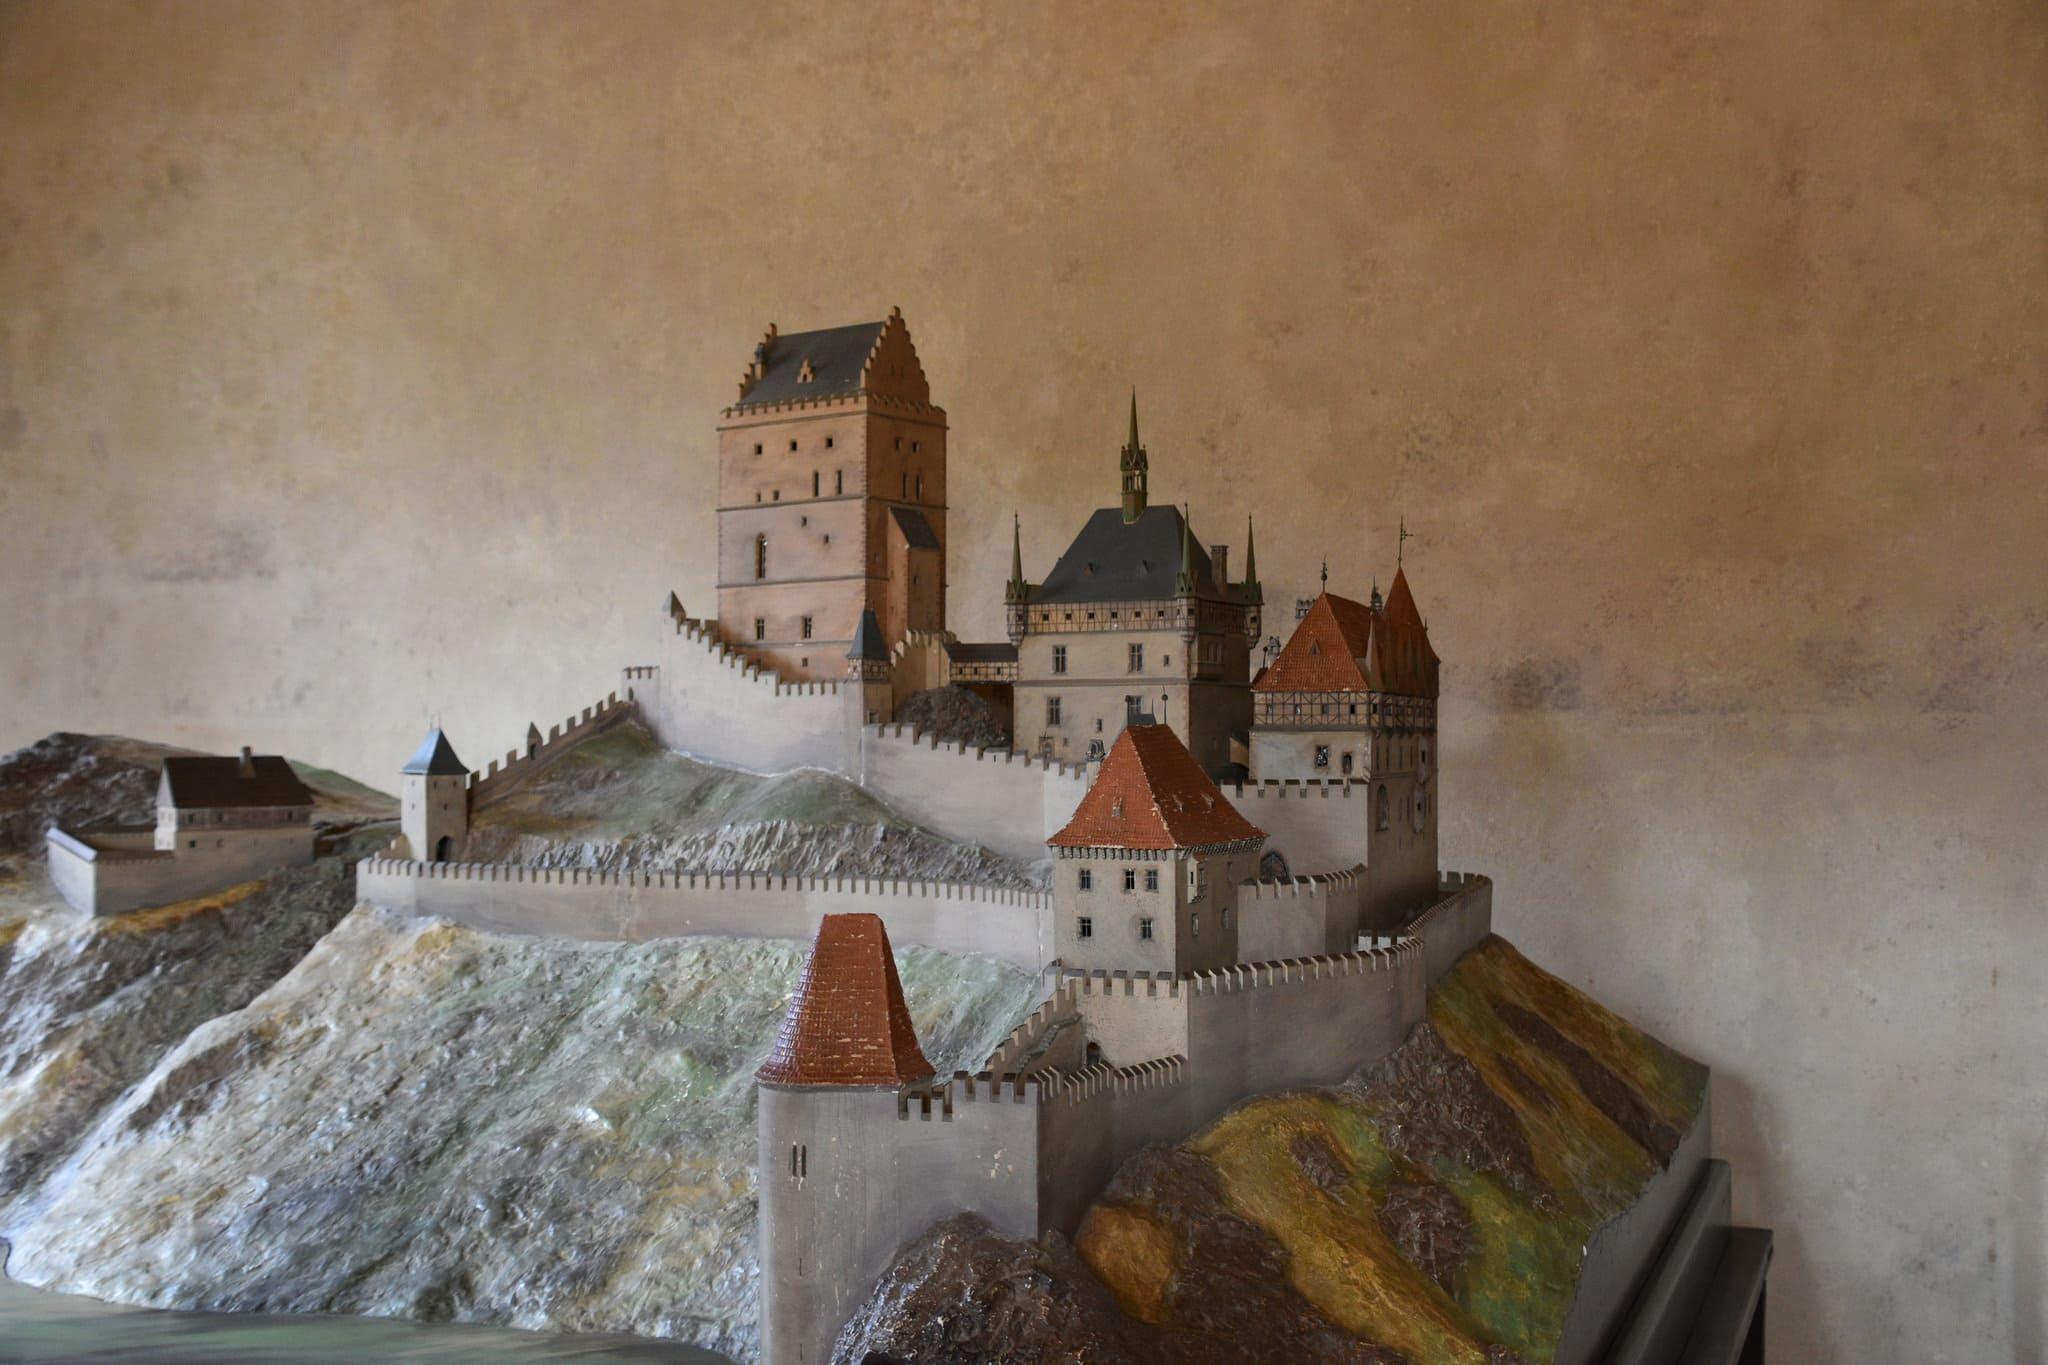 composizione del castello di Karlstejn